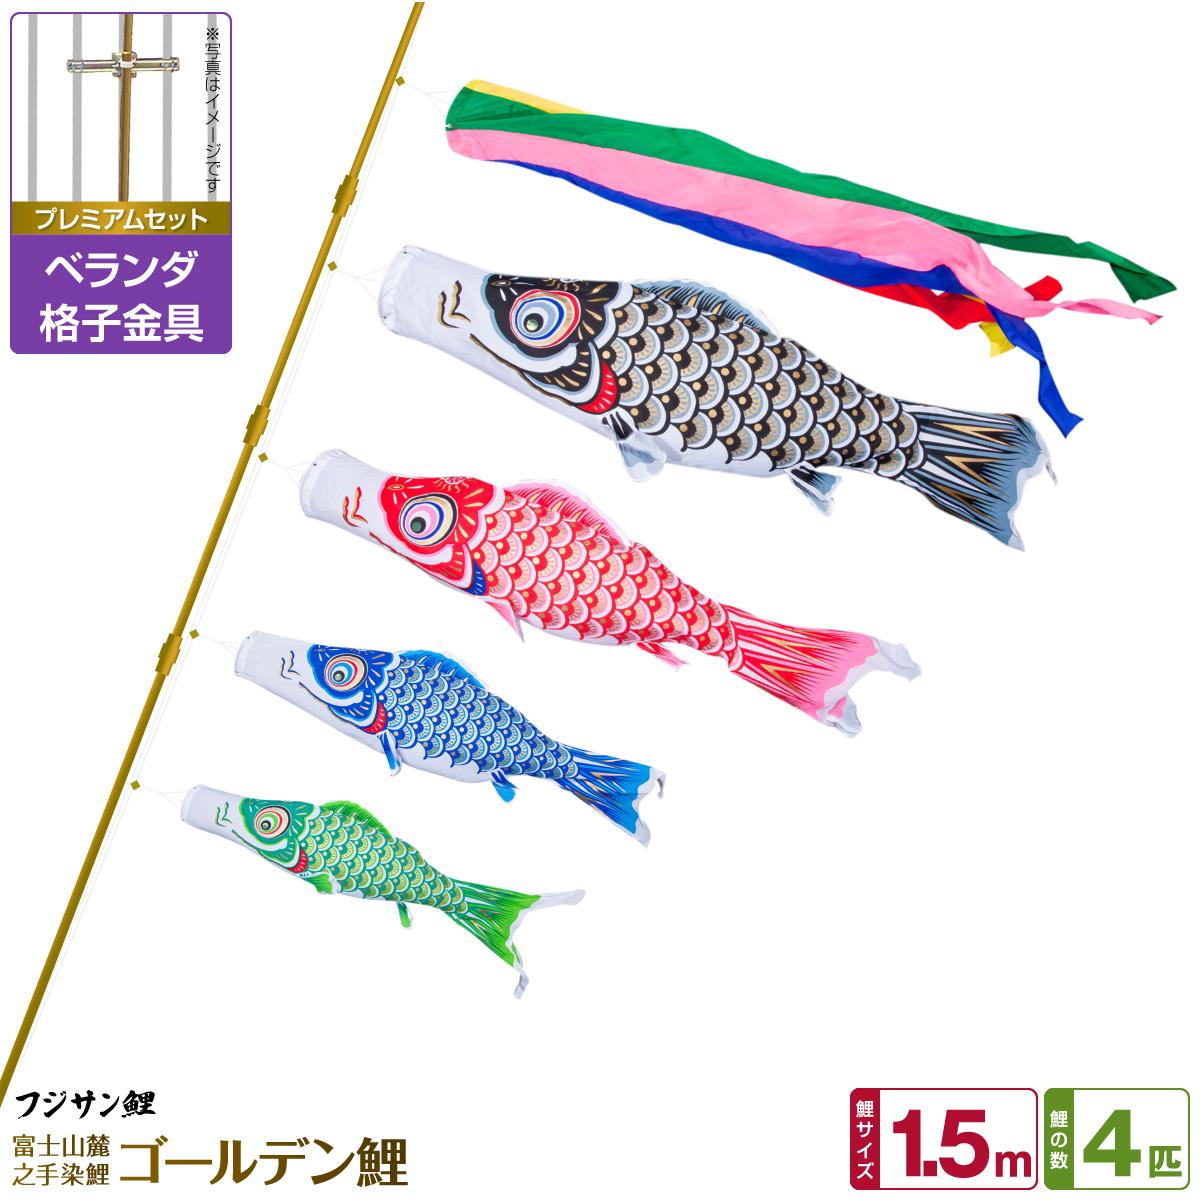 ベランダ用 こいのぼり 鯉のぼり フジサン鯉 ゴールデン鯉 1.5m 7点(吹流し+鯉4匹+矢車+ロープ)/プレミアムセット(格子金具)